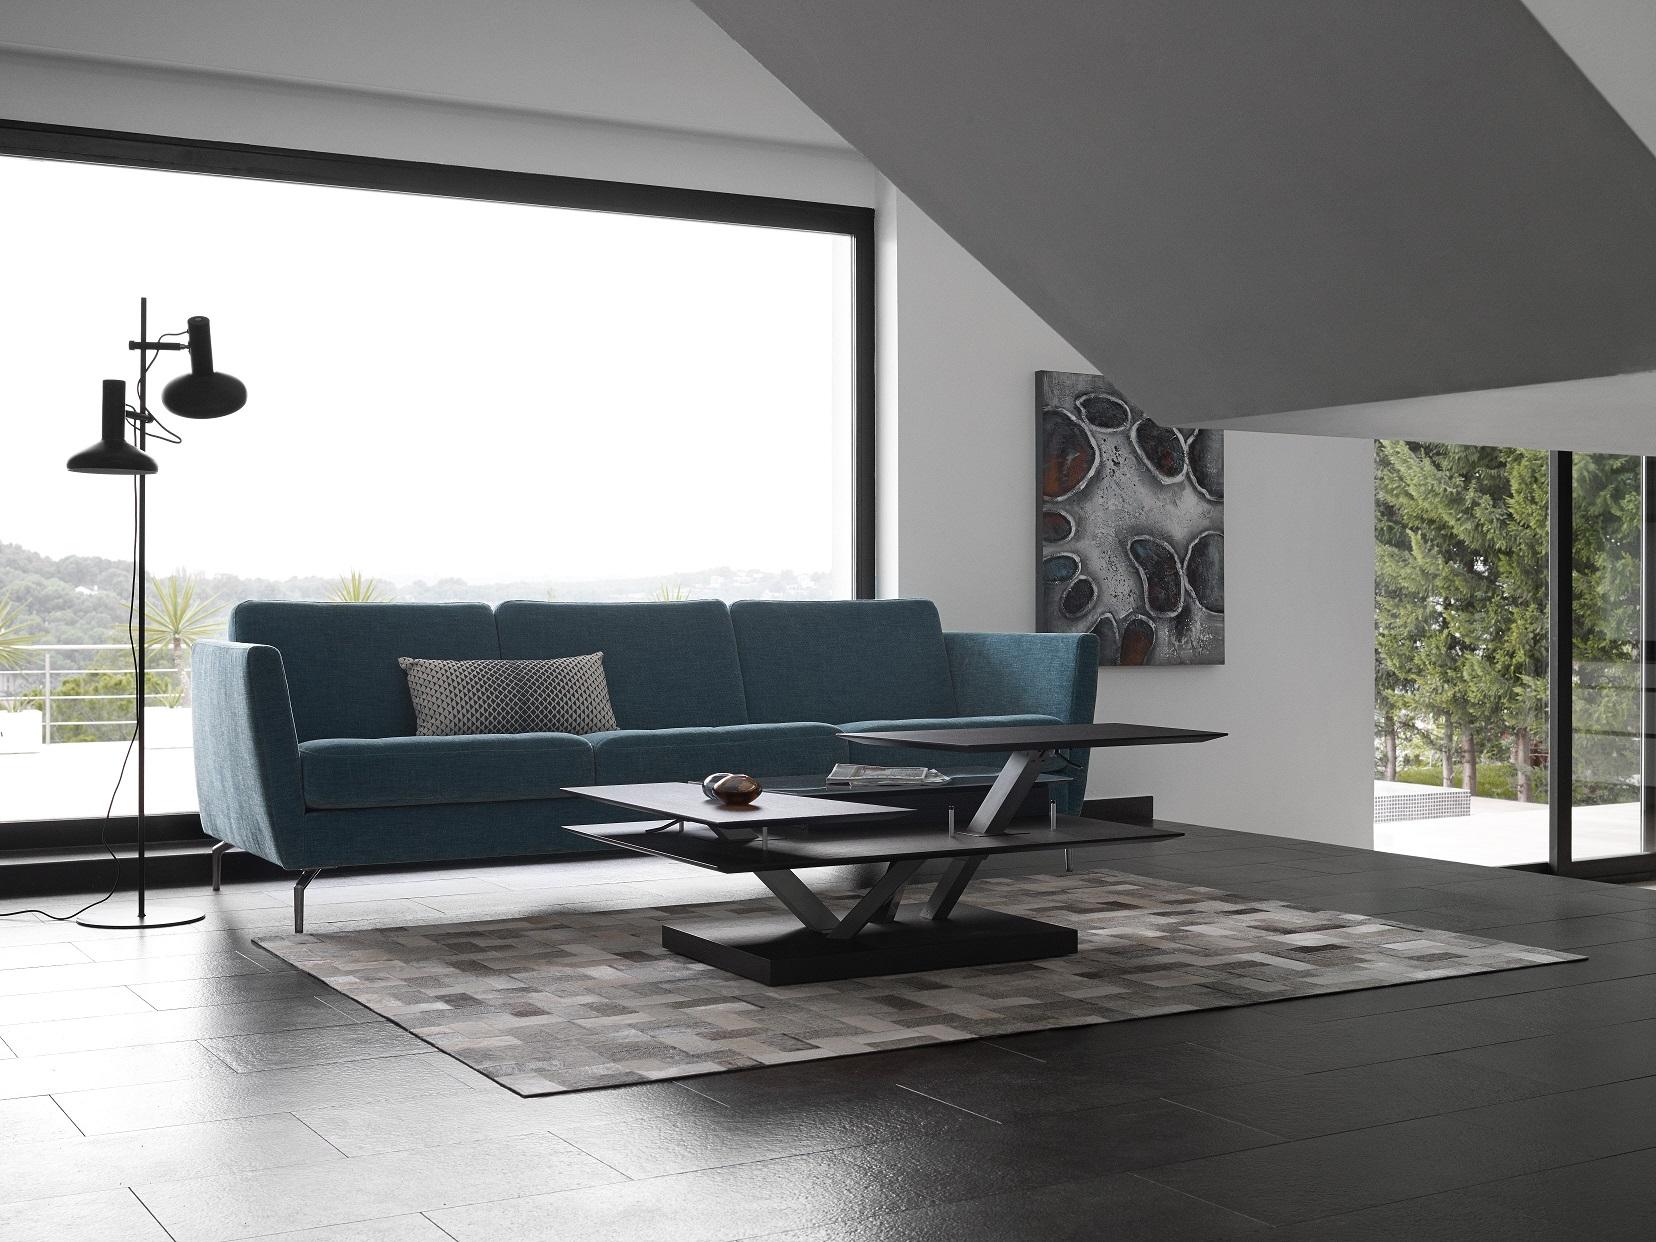 Mads mikkelsen aime les meubles design danois mon coin design for Meuble boconcept